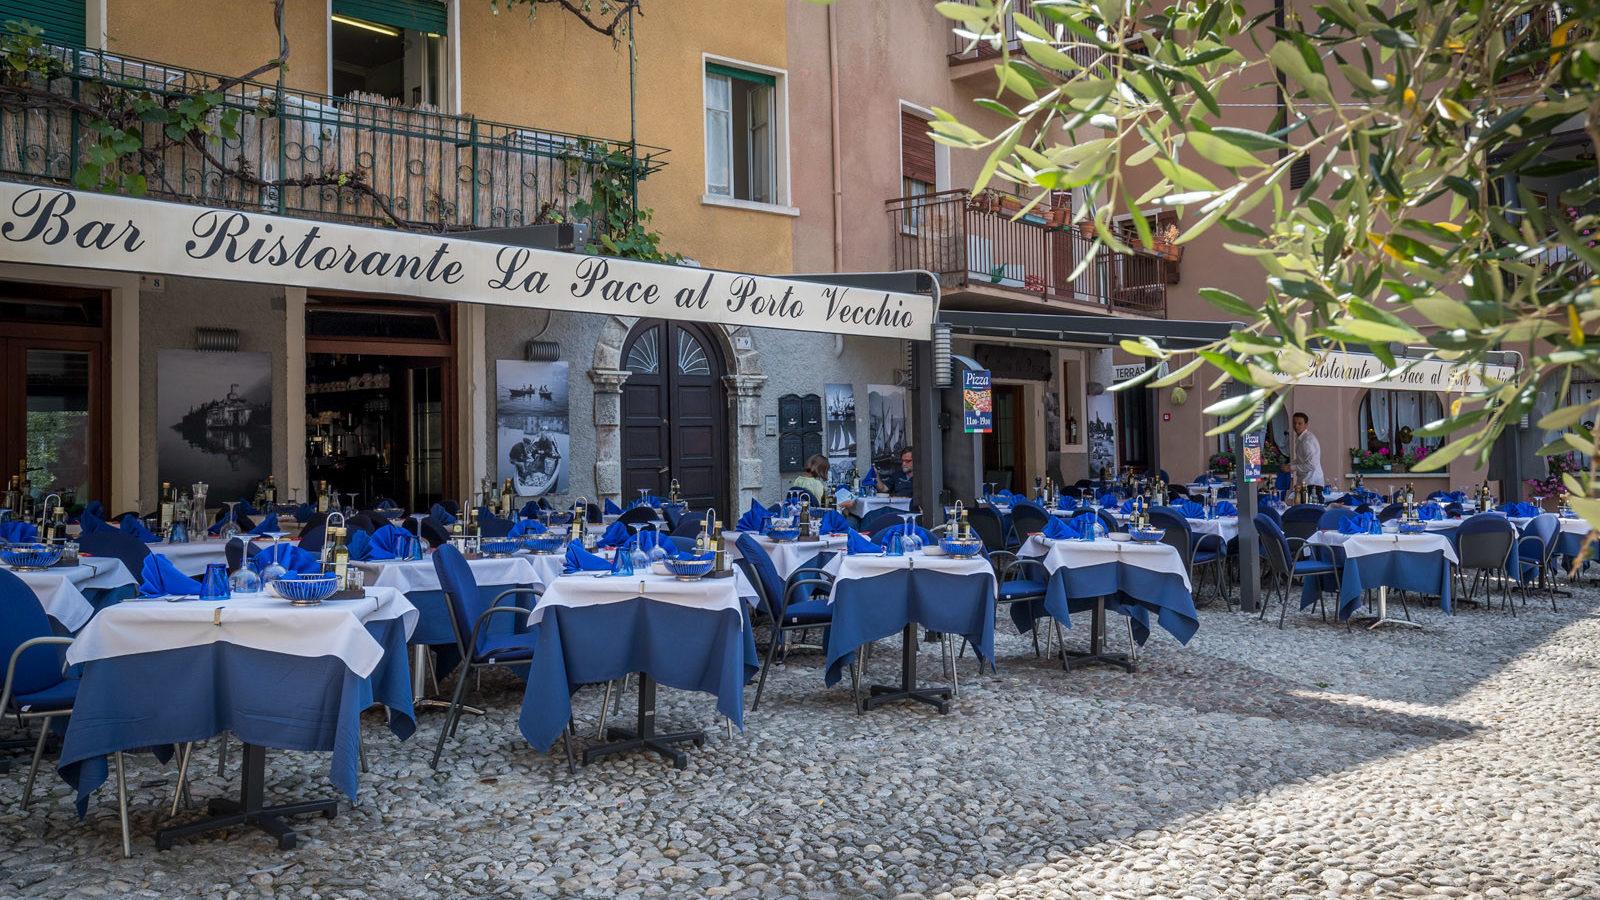 Bar Pizzeria Ristorante La Pace Malcesine al porto vecchio di Malcesine con plateatico all'aperto